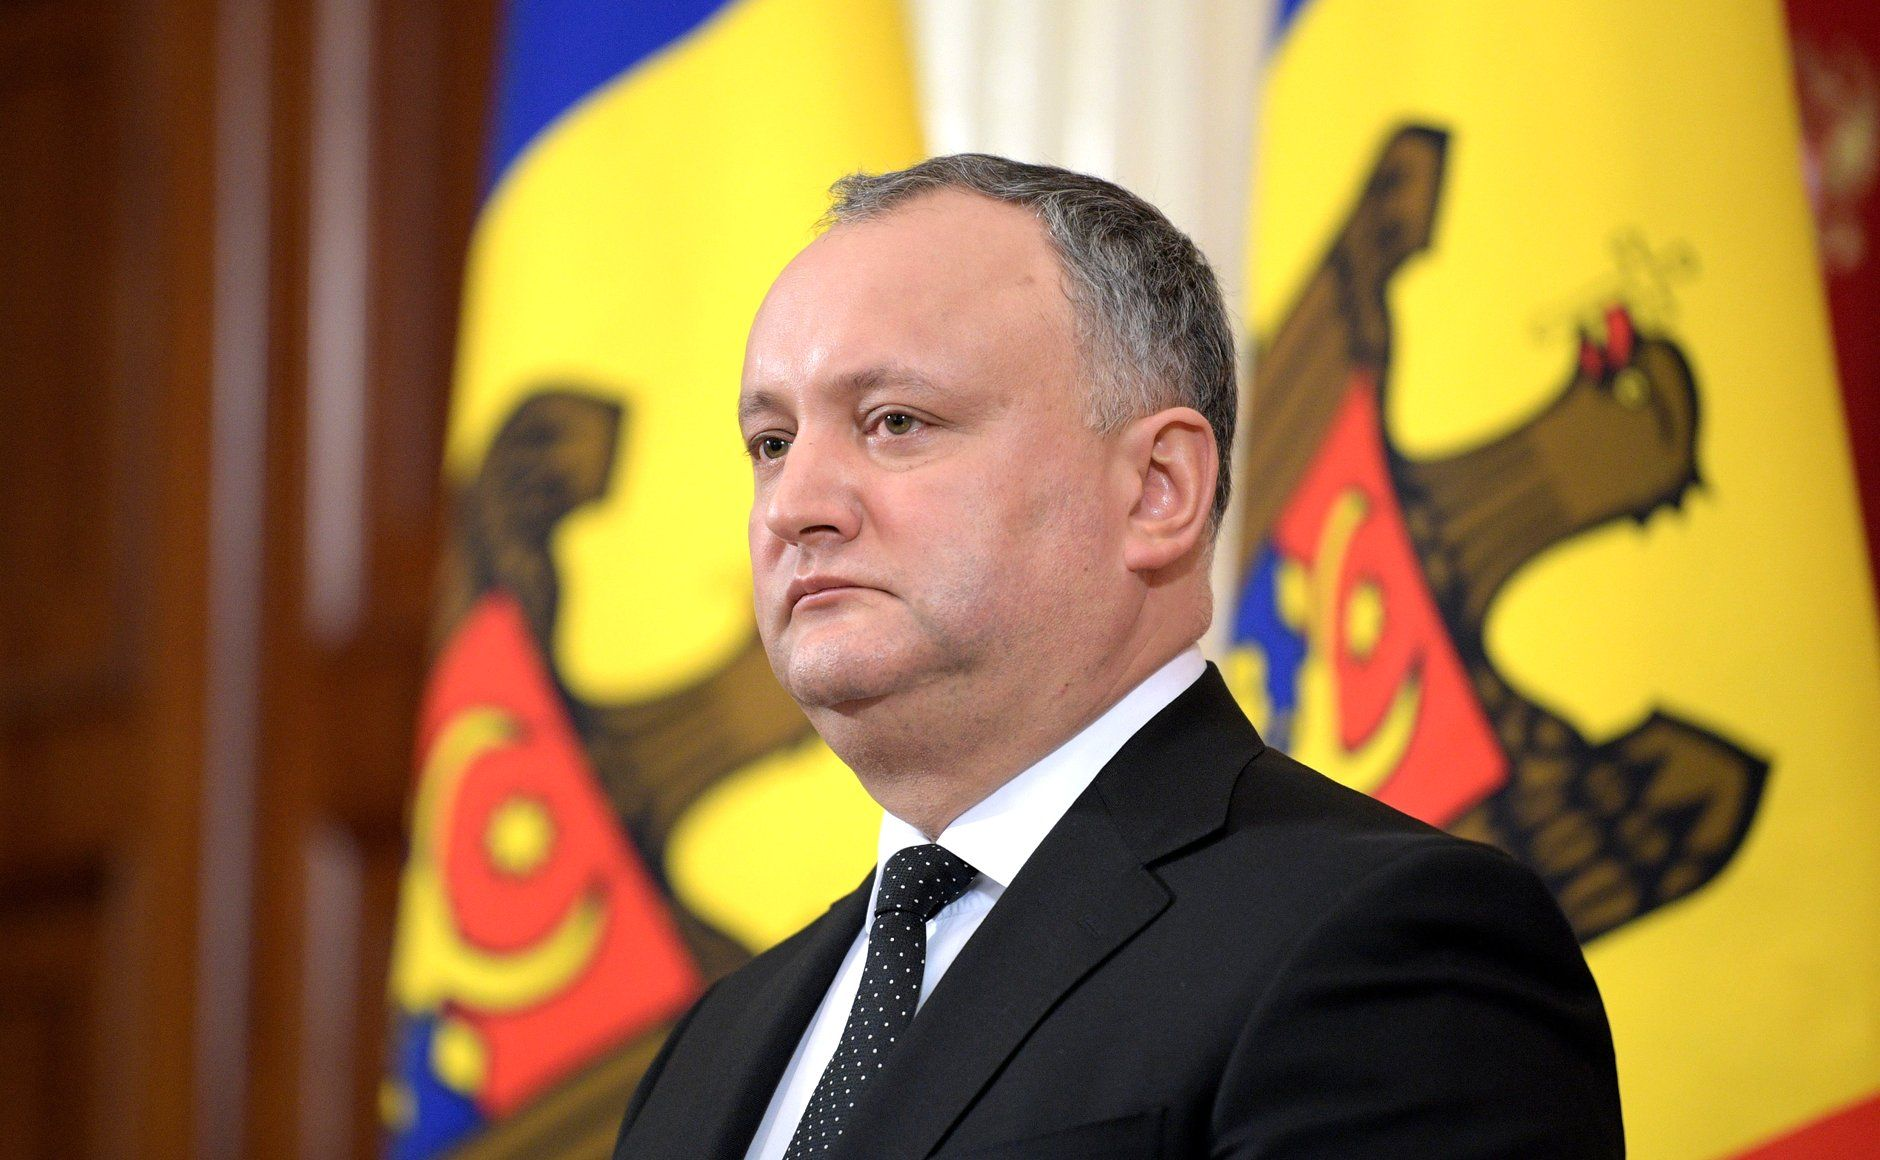 Игорь Додон объявил о договоренности встречи с Владимиром Зеленским